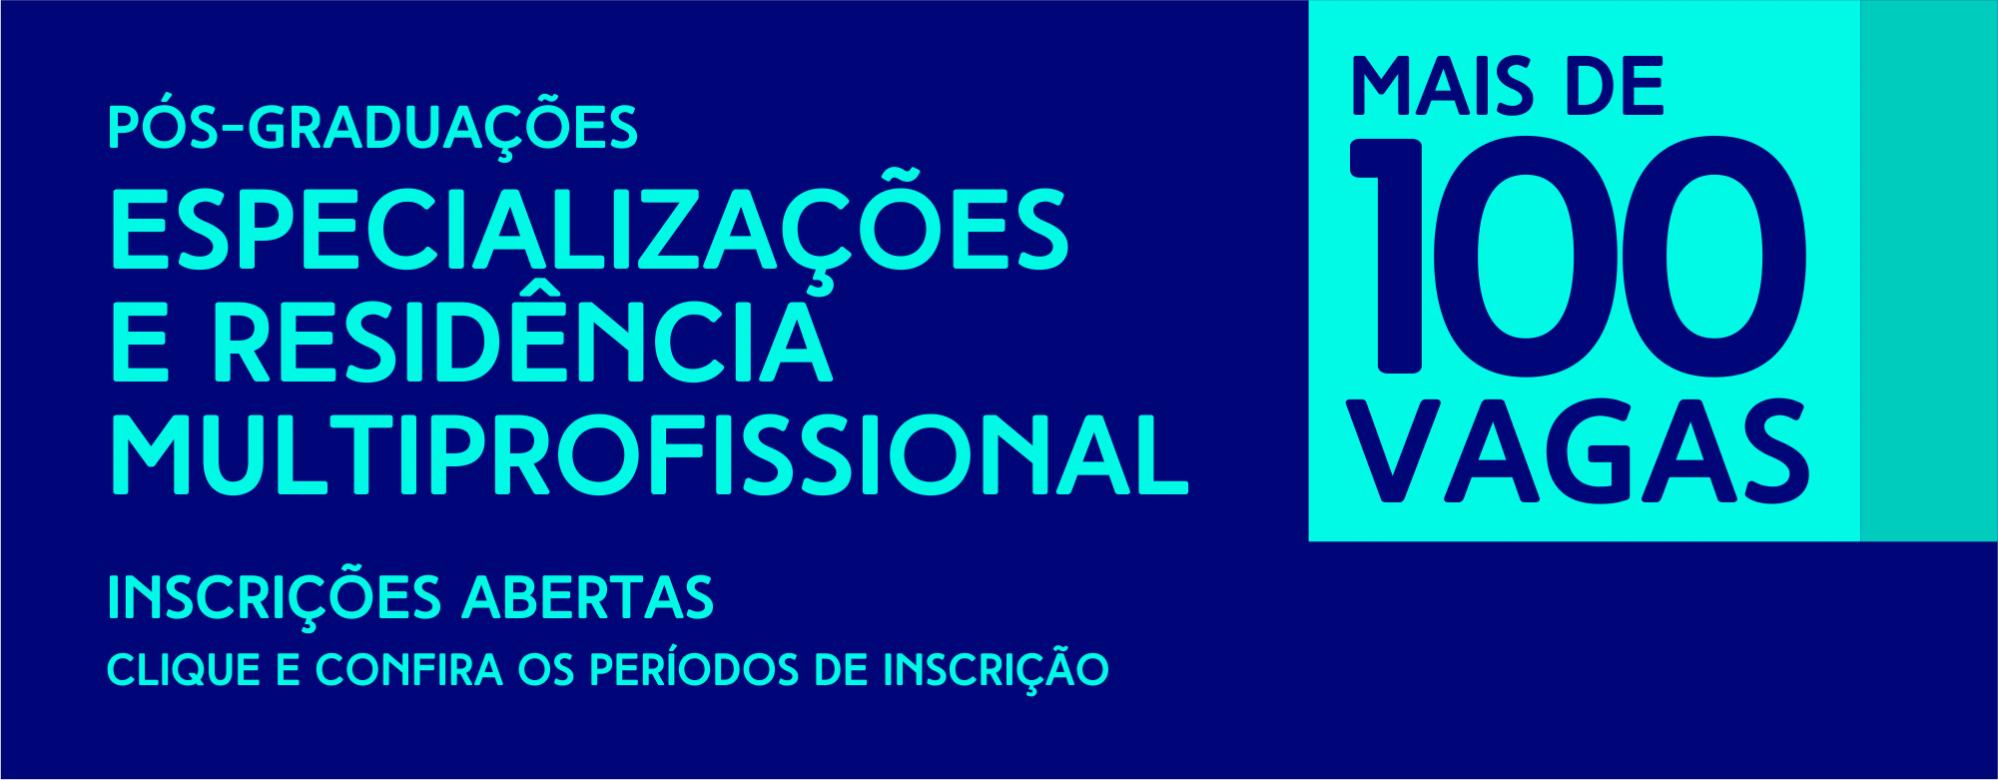 Inscrições abertas para especializações e residência multiprofissional